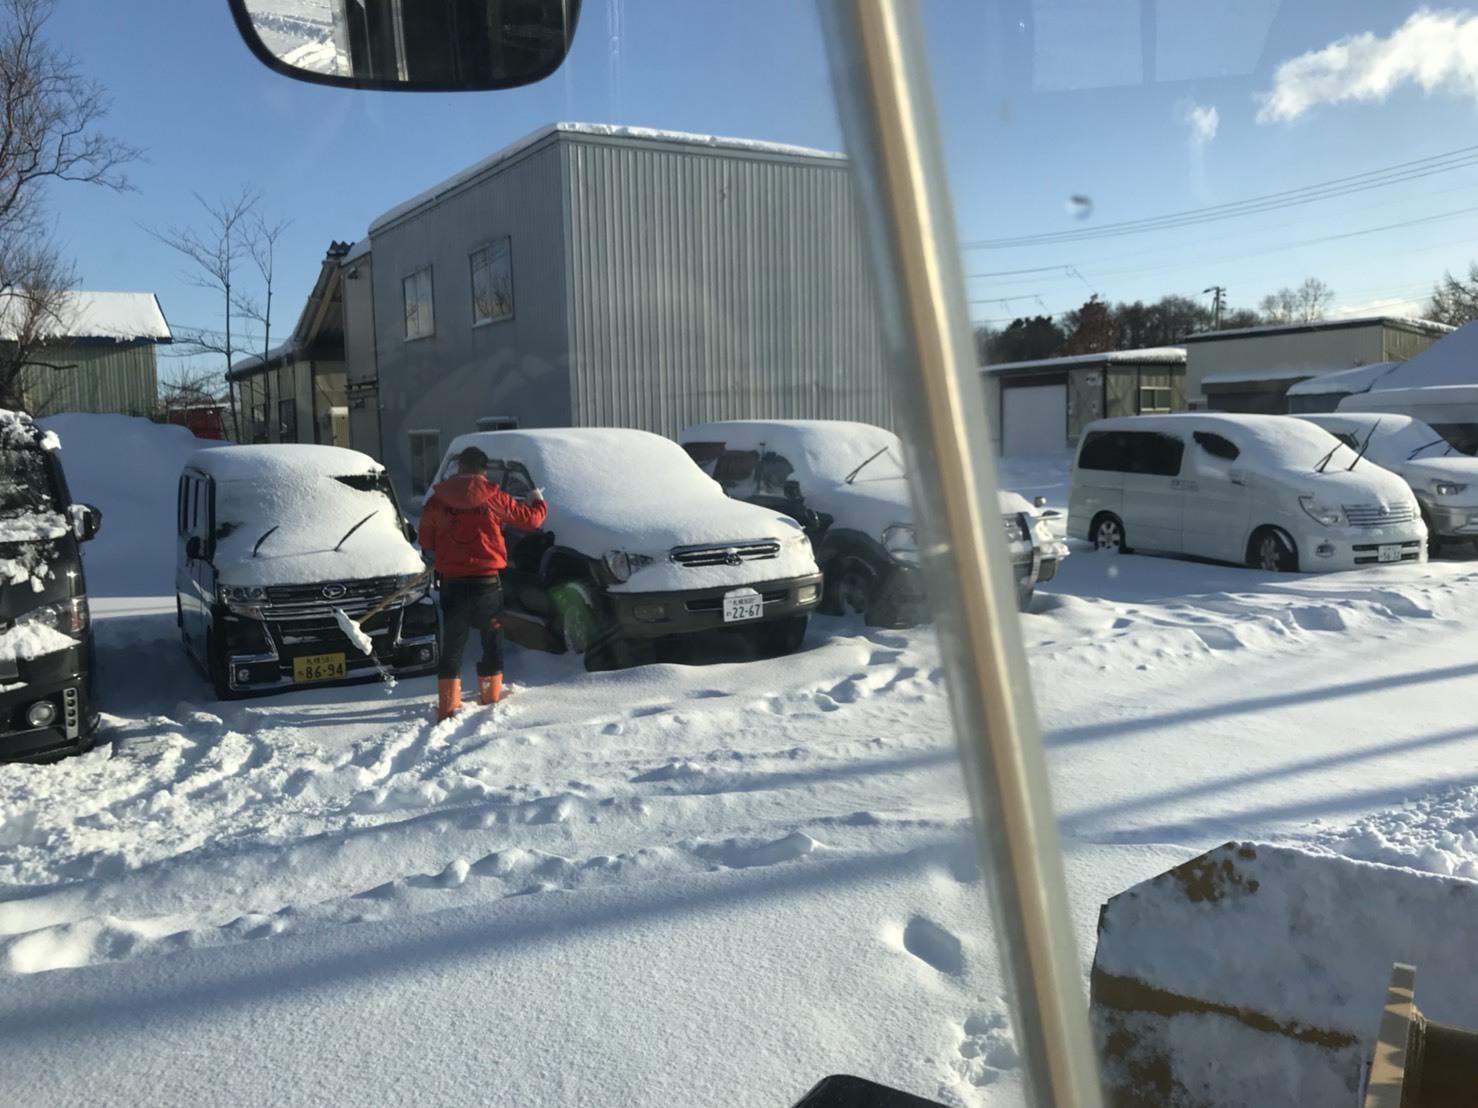 1月25日(金)トミーベース カスタムブログ☆ヴェルファイア ハマー ハイエース 様々な車種取り扱っています☆_b0127002_11224130.jpg